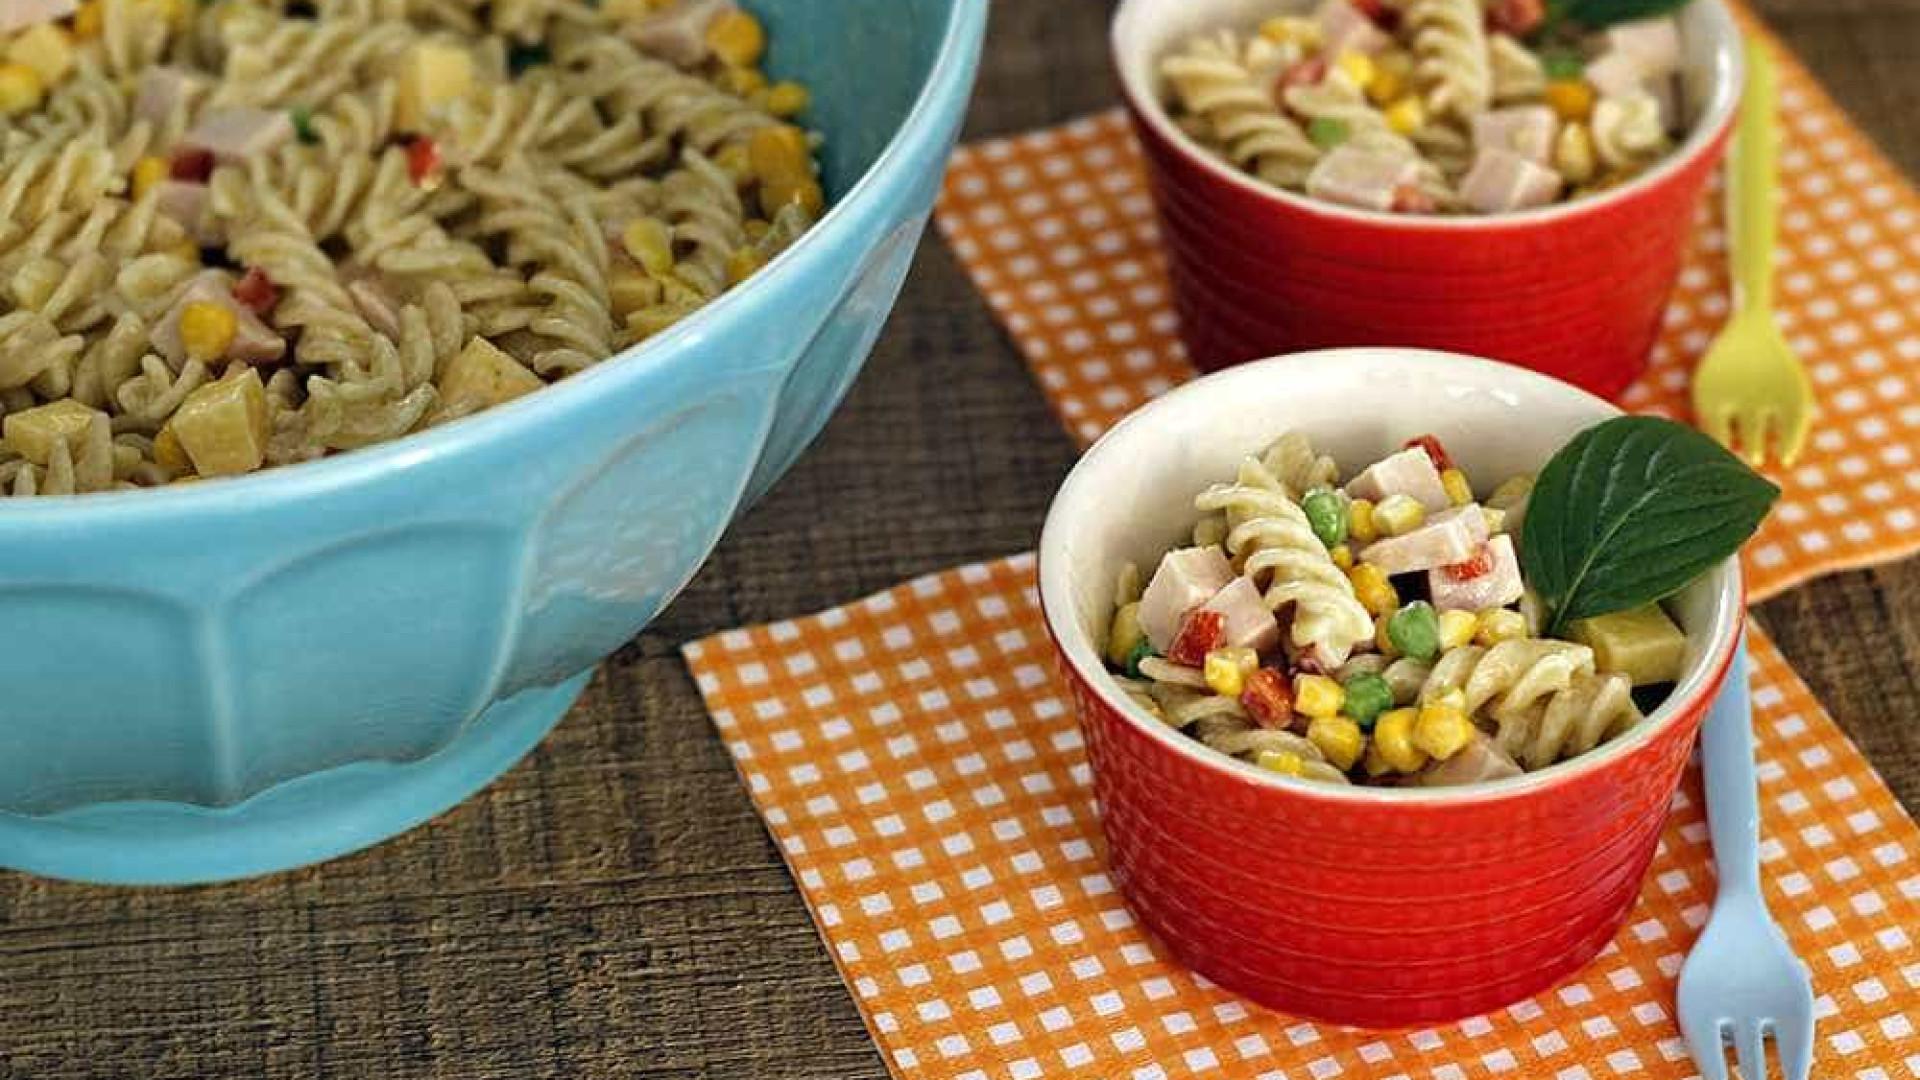 Aprenda 2 receitas simples de salada de macarrão